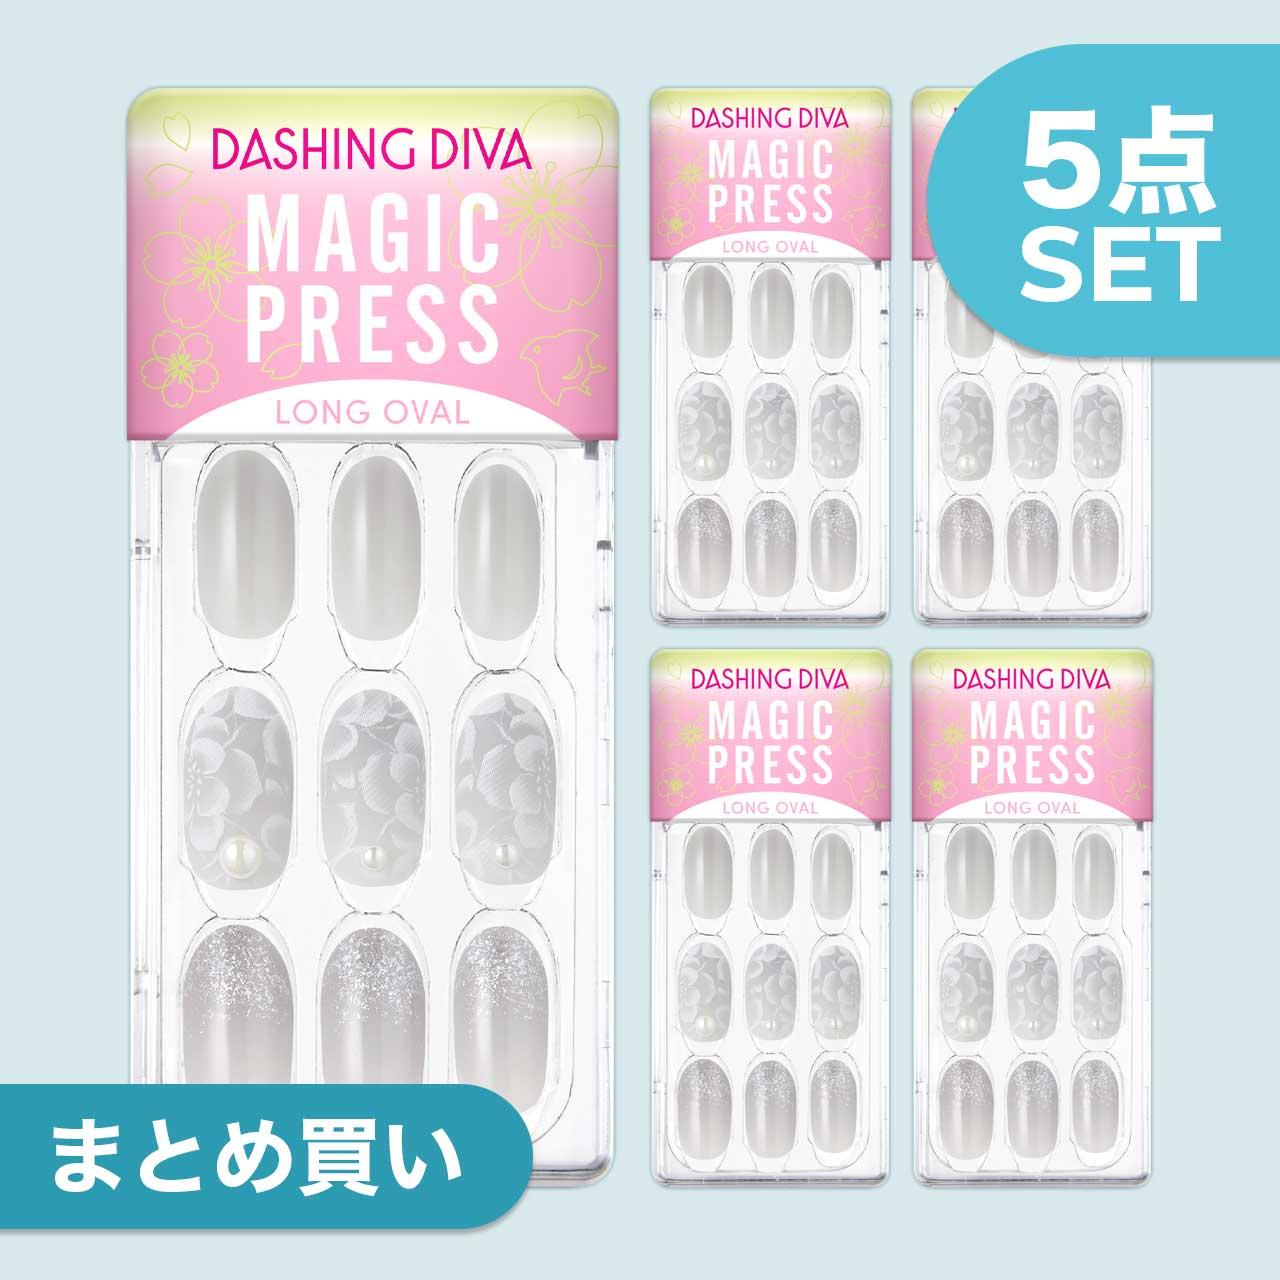 【Satin Blossom】ダッシングディバマジックプレス【5個セット】